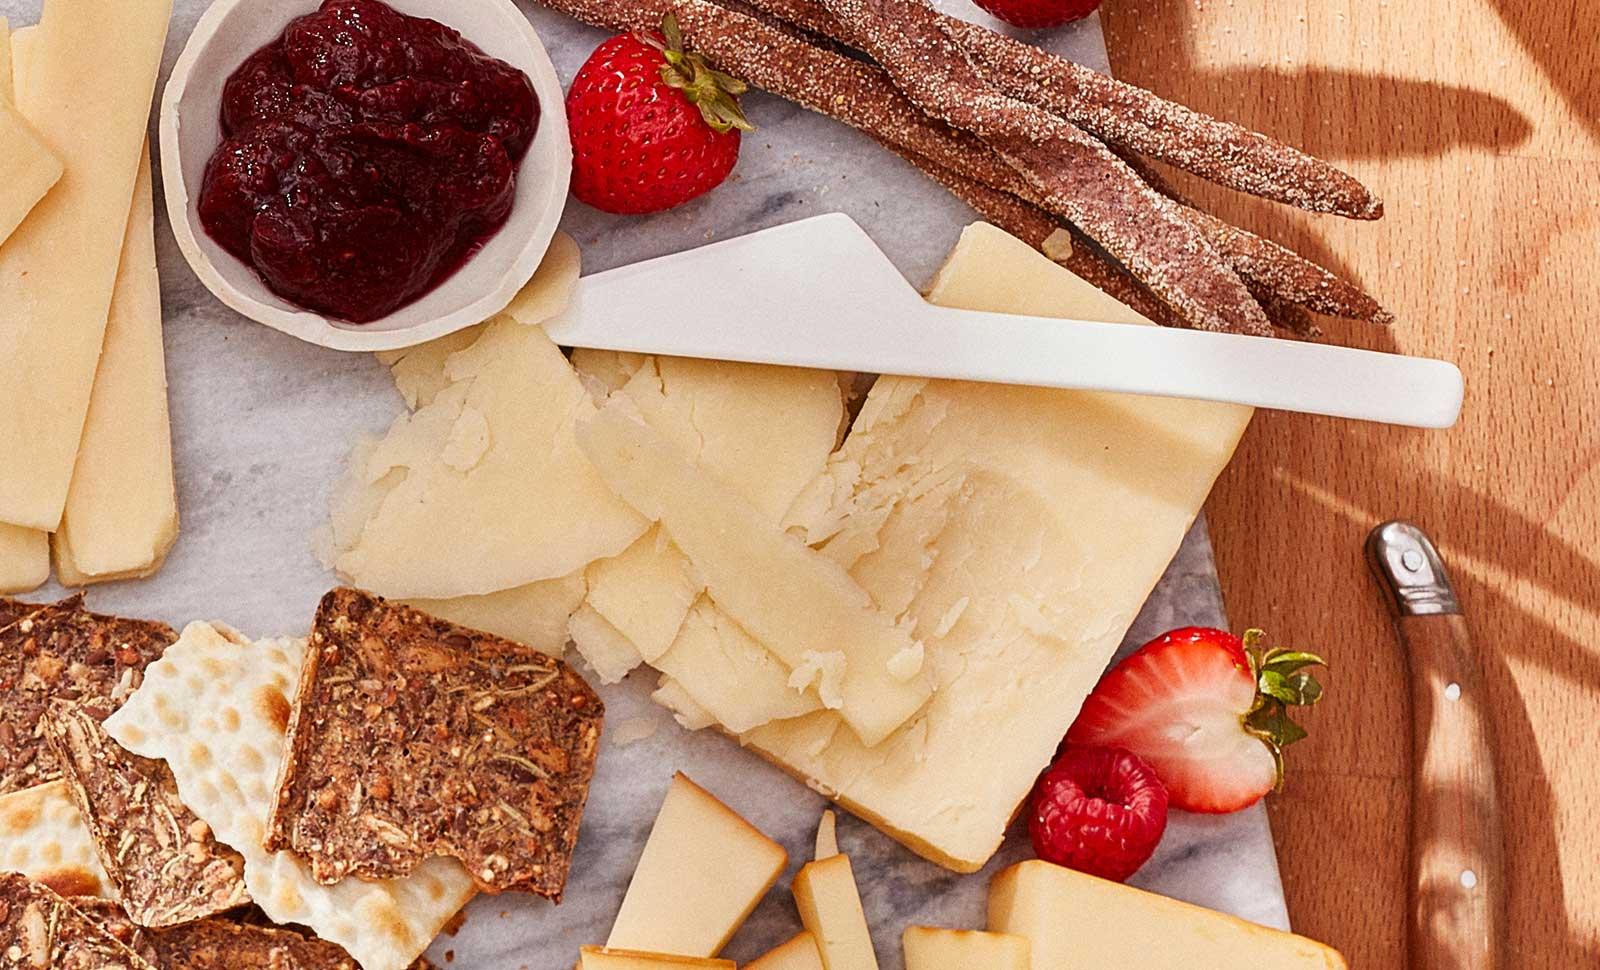 Fromage cheddar naturellement vieilli de deux ans tranché au couteau et servi avec craquelins multigrains et fraises.